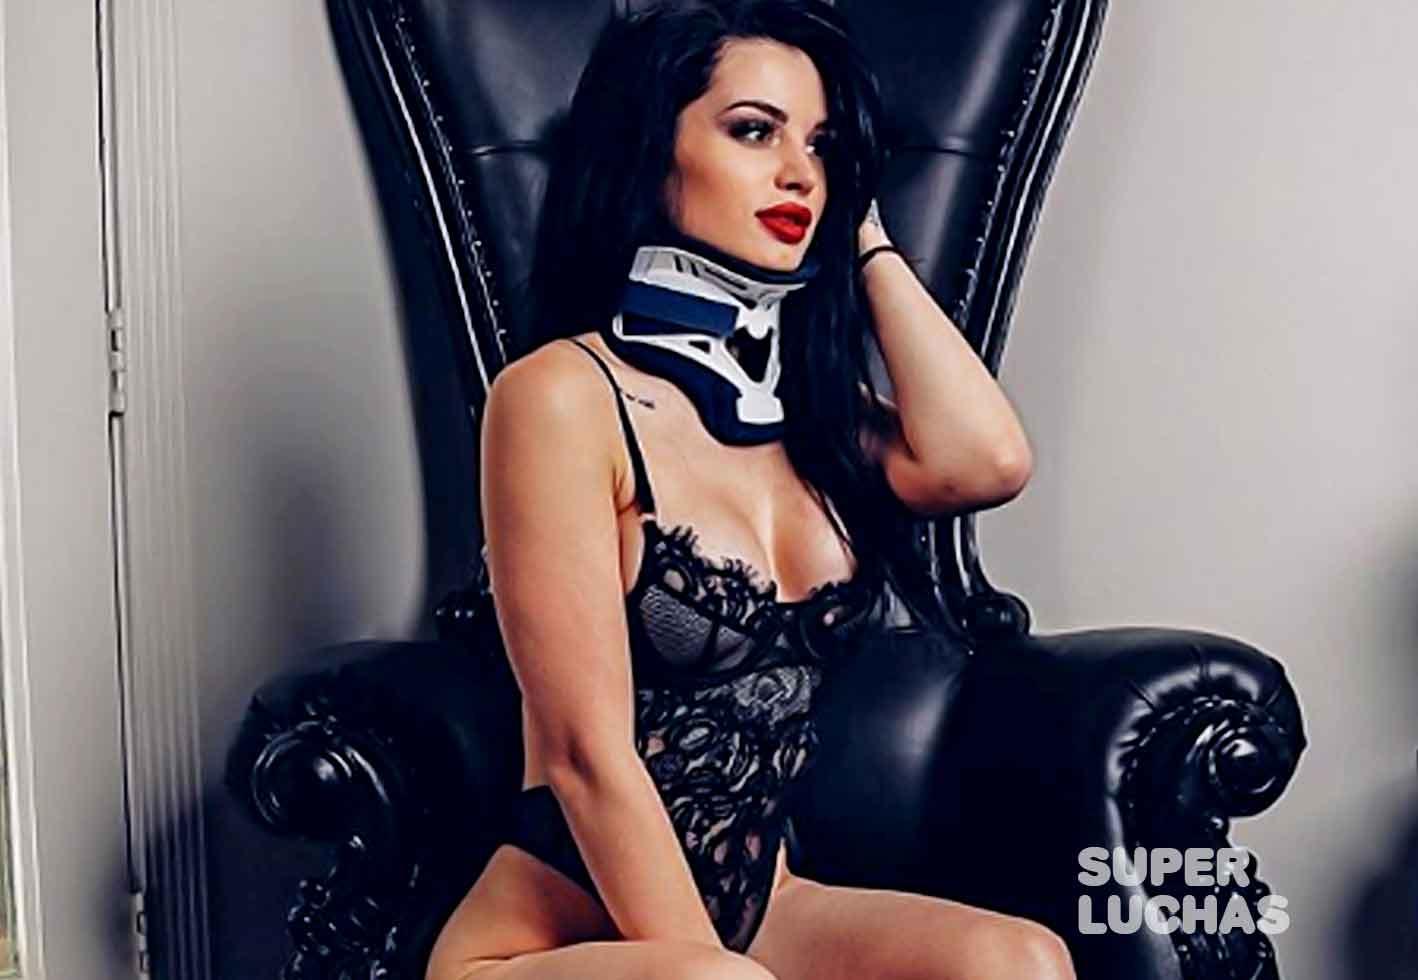 Paige collarín